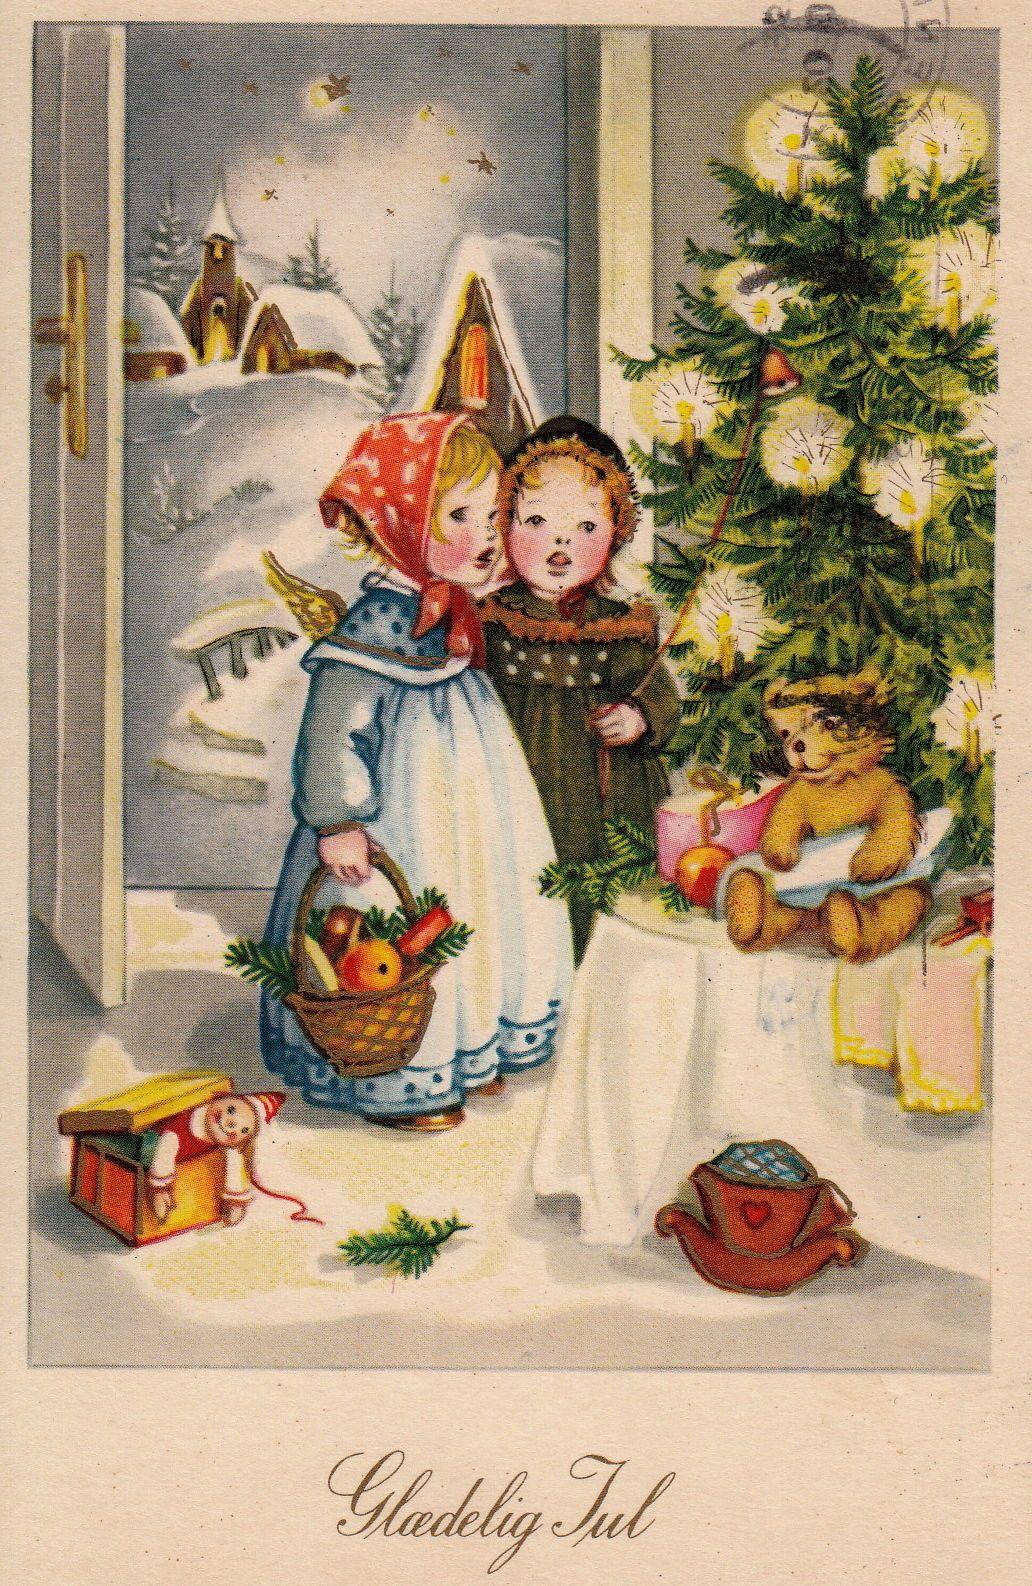 Ak anita rahlwes weihnachten engelchen legen geschenke auf den gabentisch anita - Bilder weihnachtskarten ...